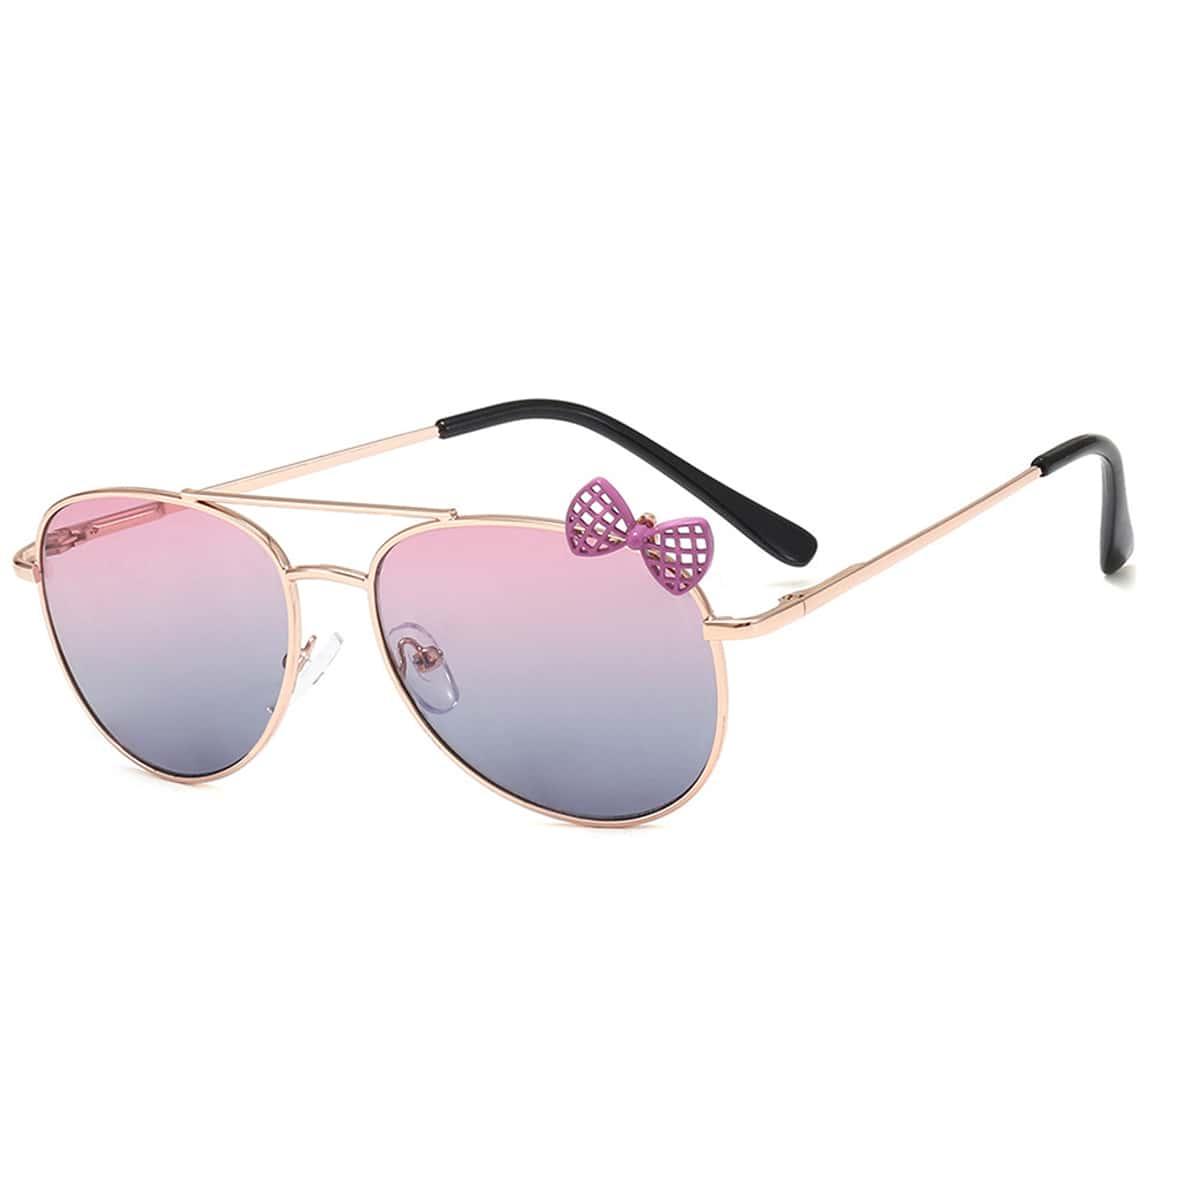 Солнечные очки с бантом для девочек